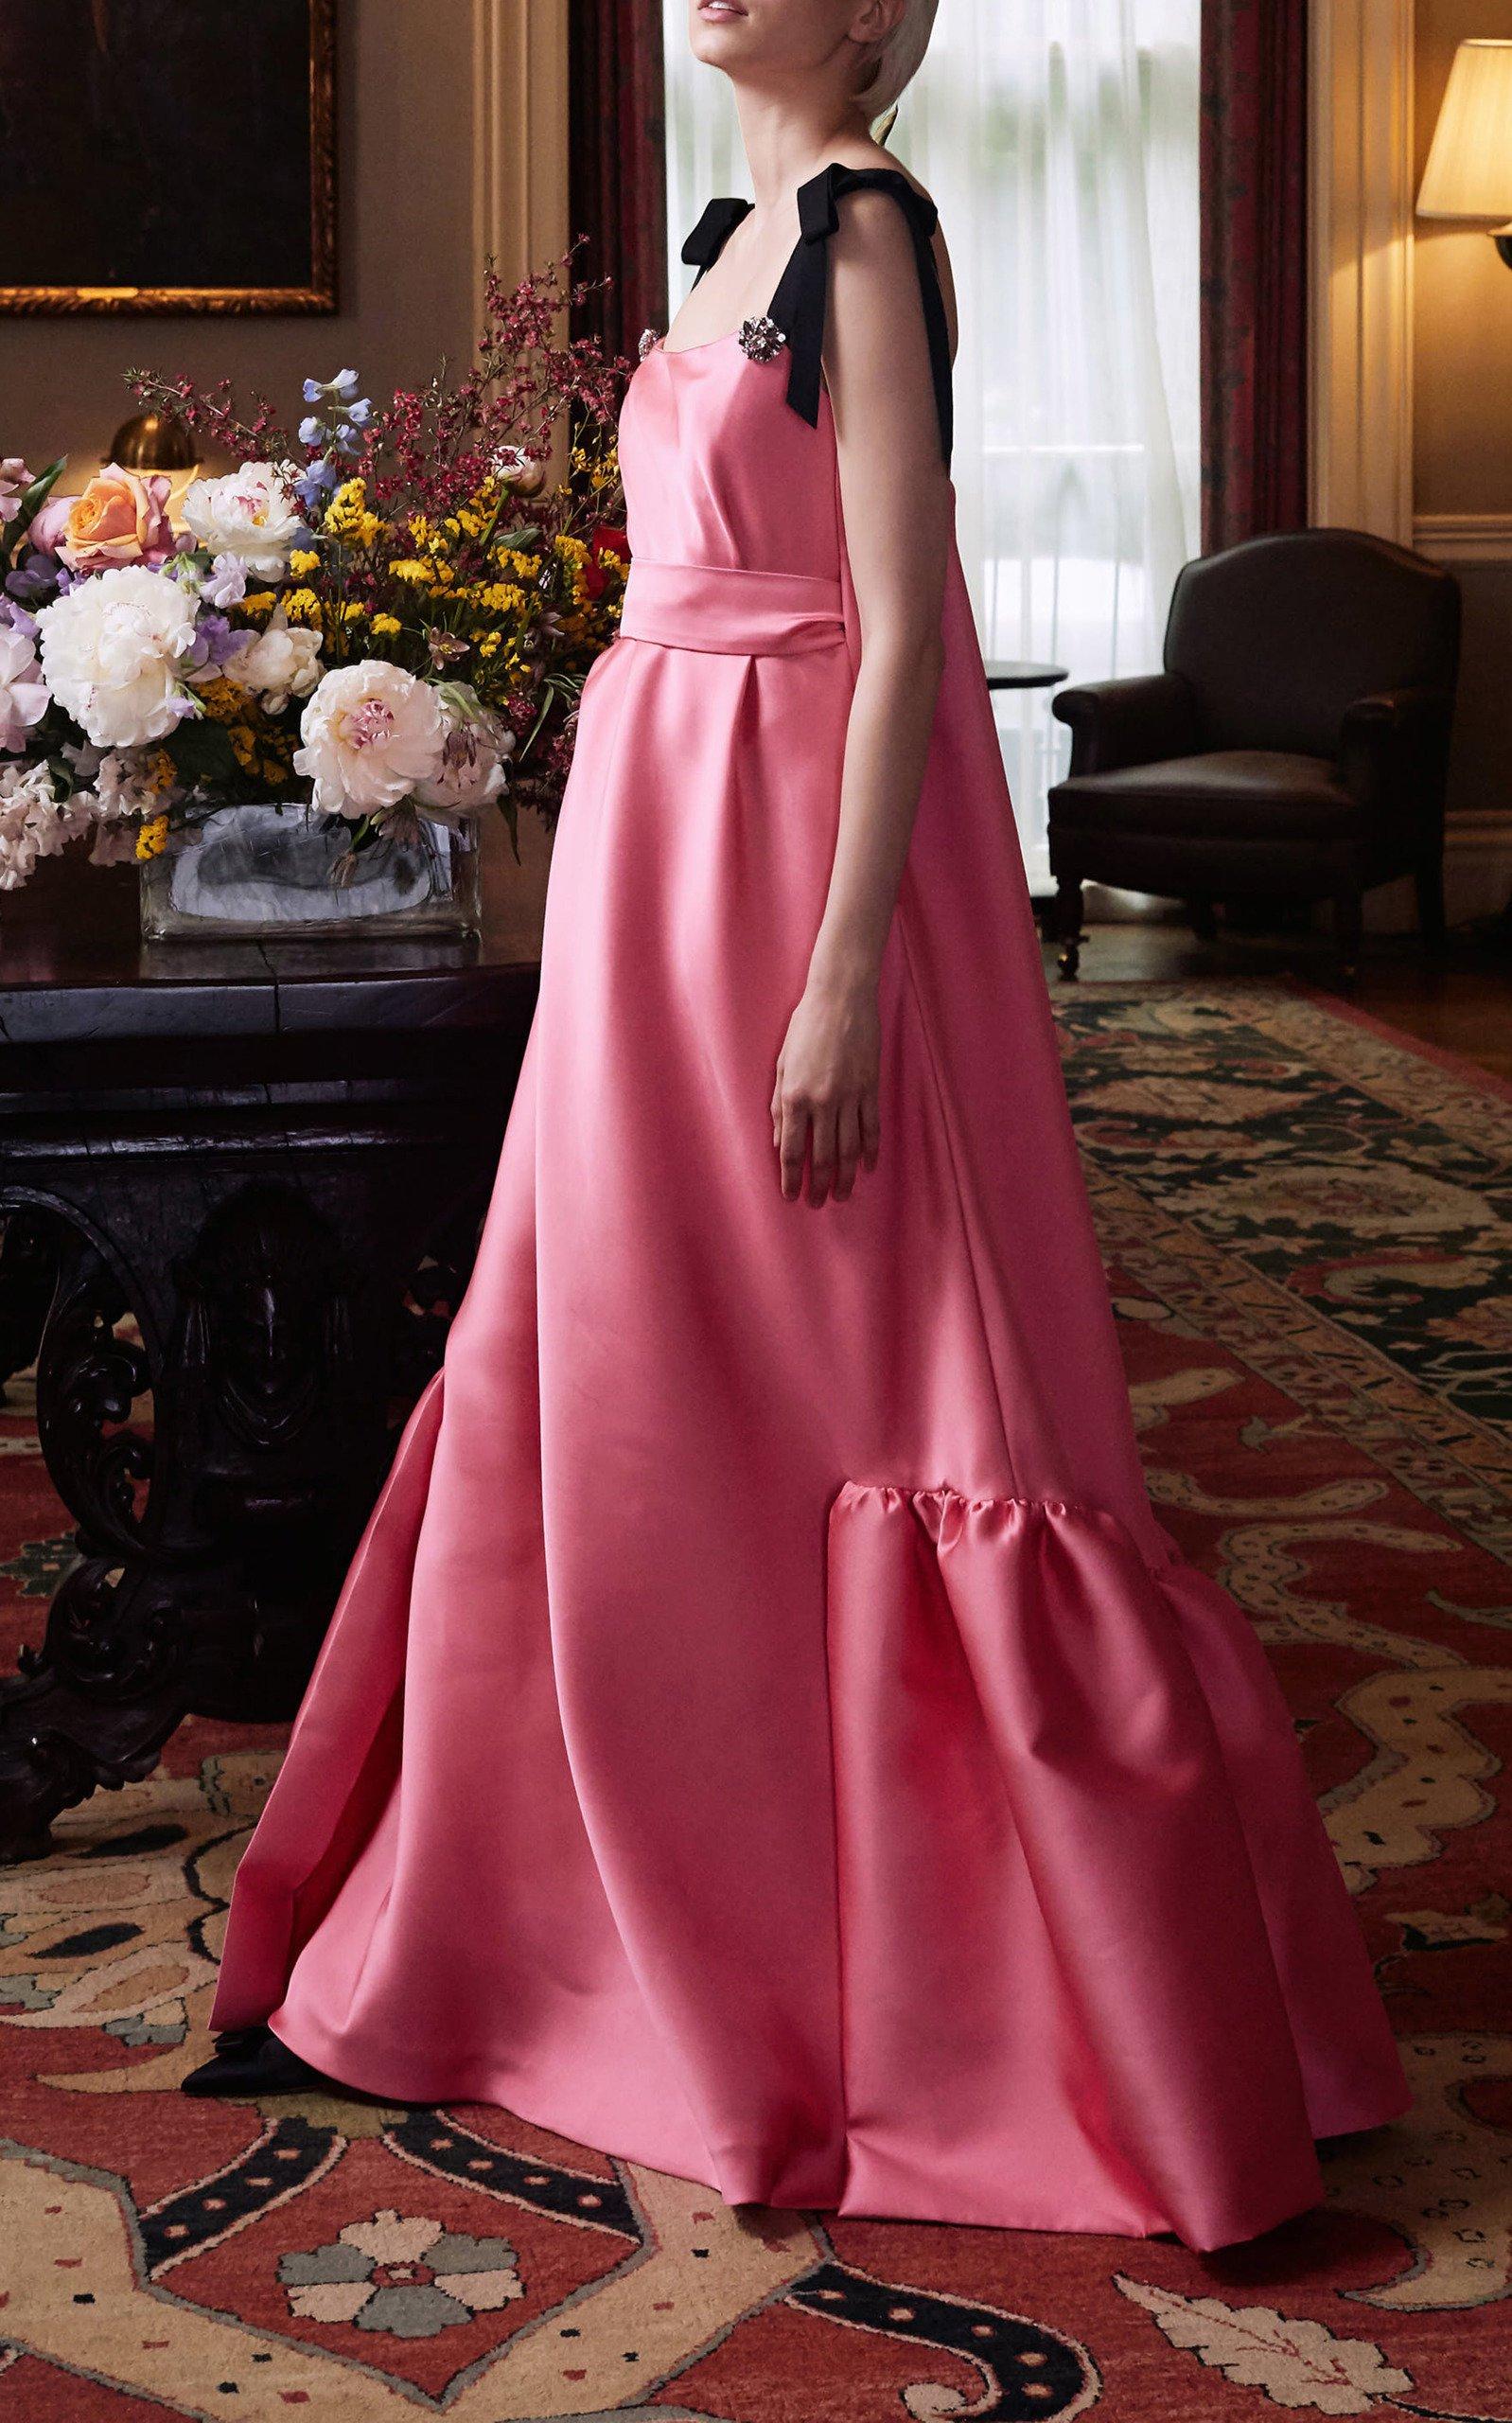 Lela Rose Crystal-Embellished Duchess Satin Empire Dress